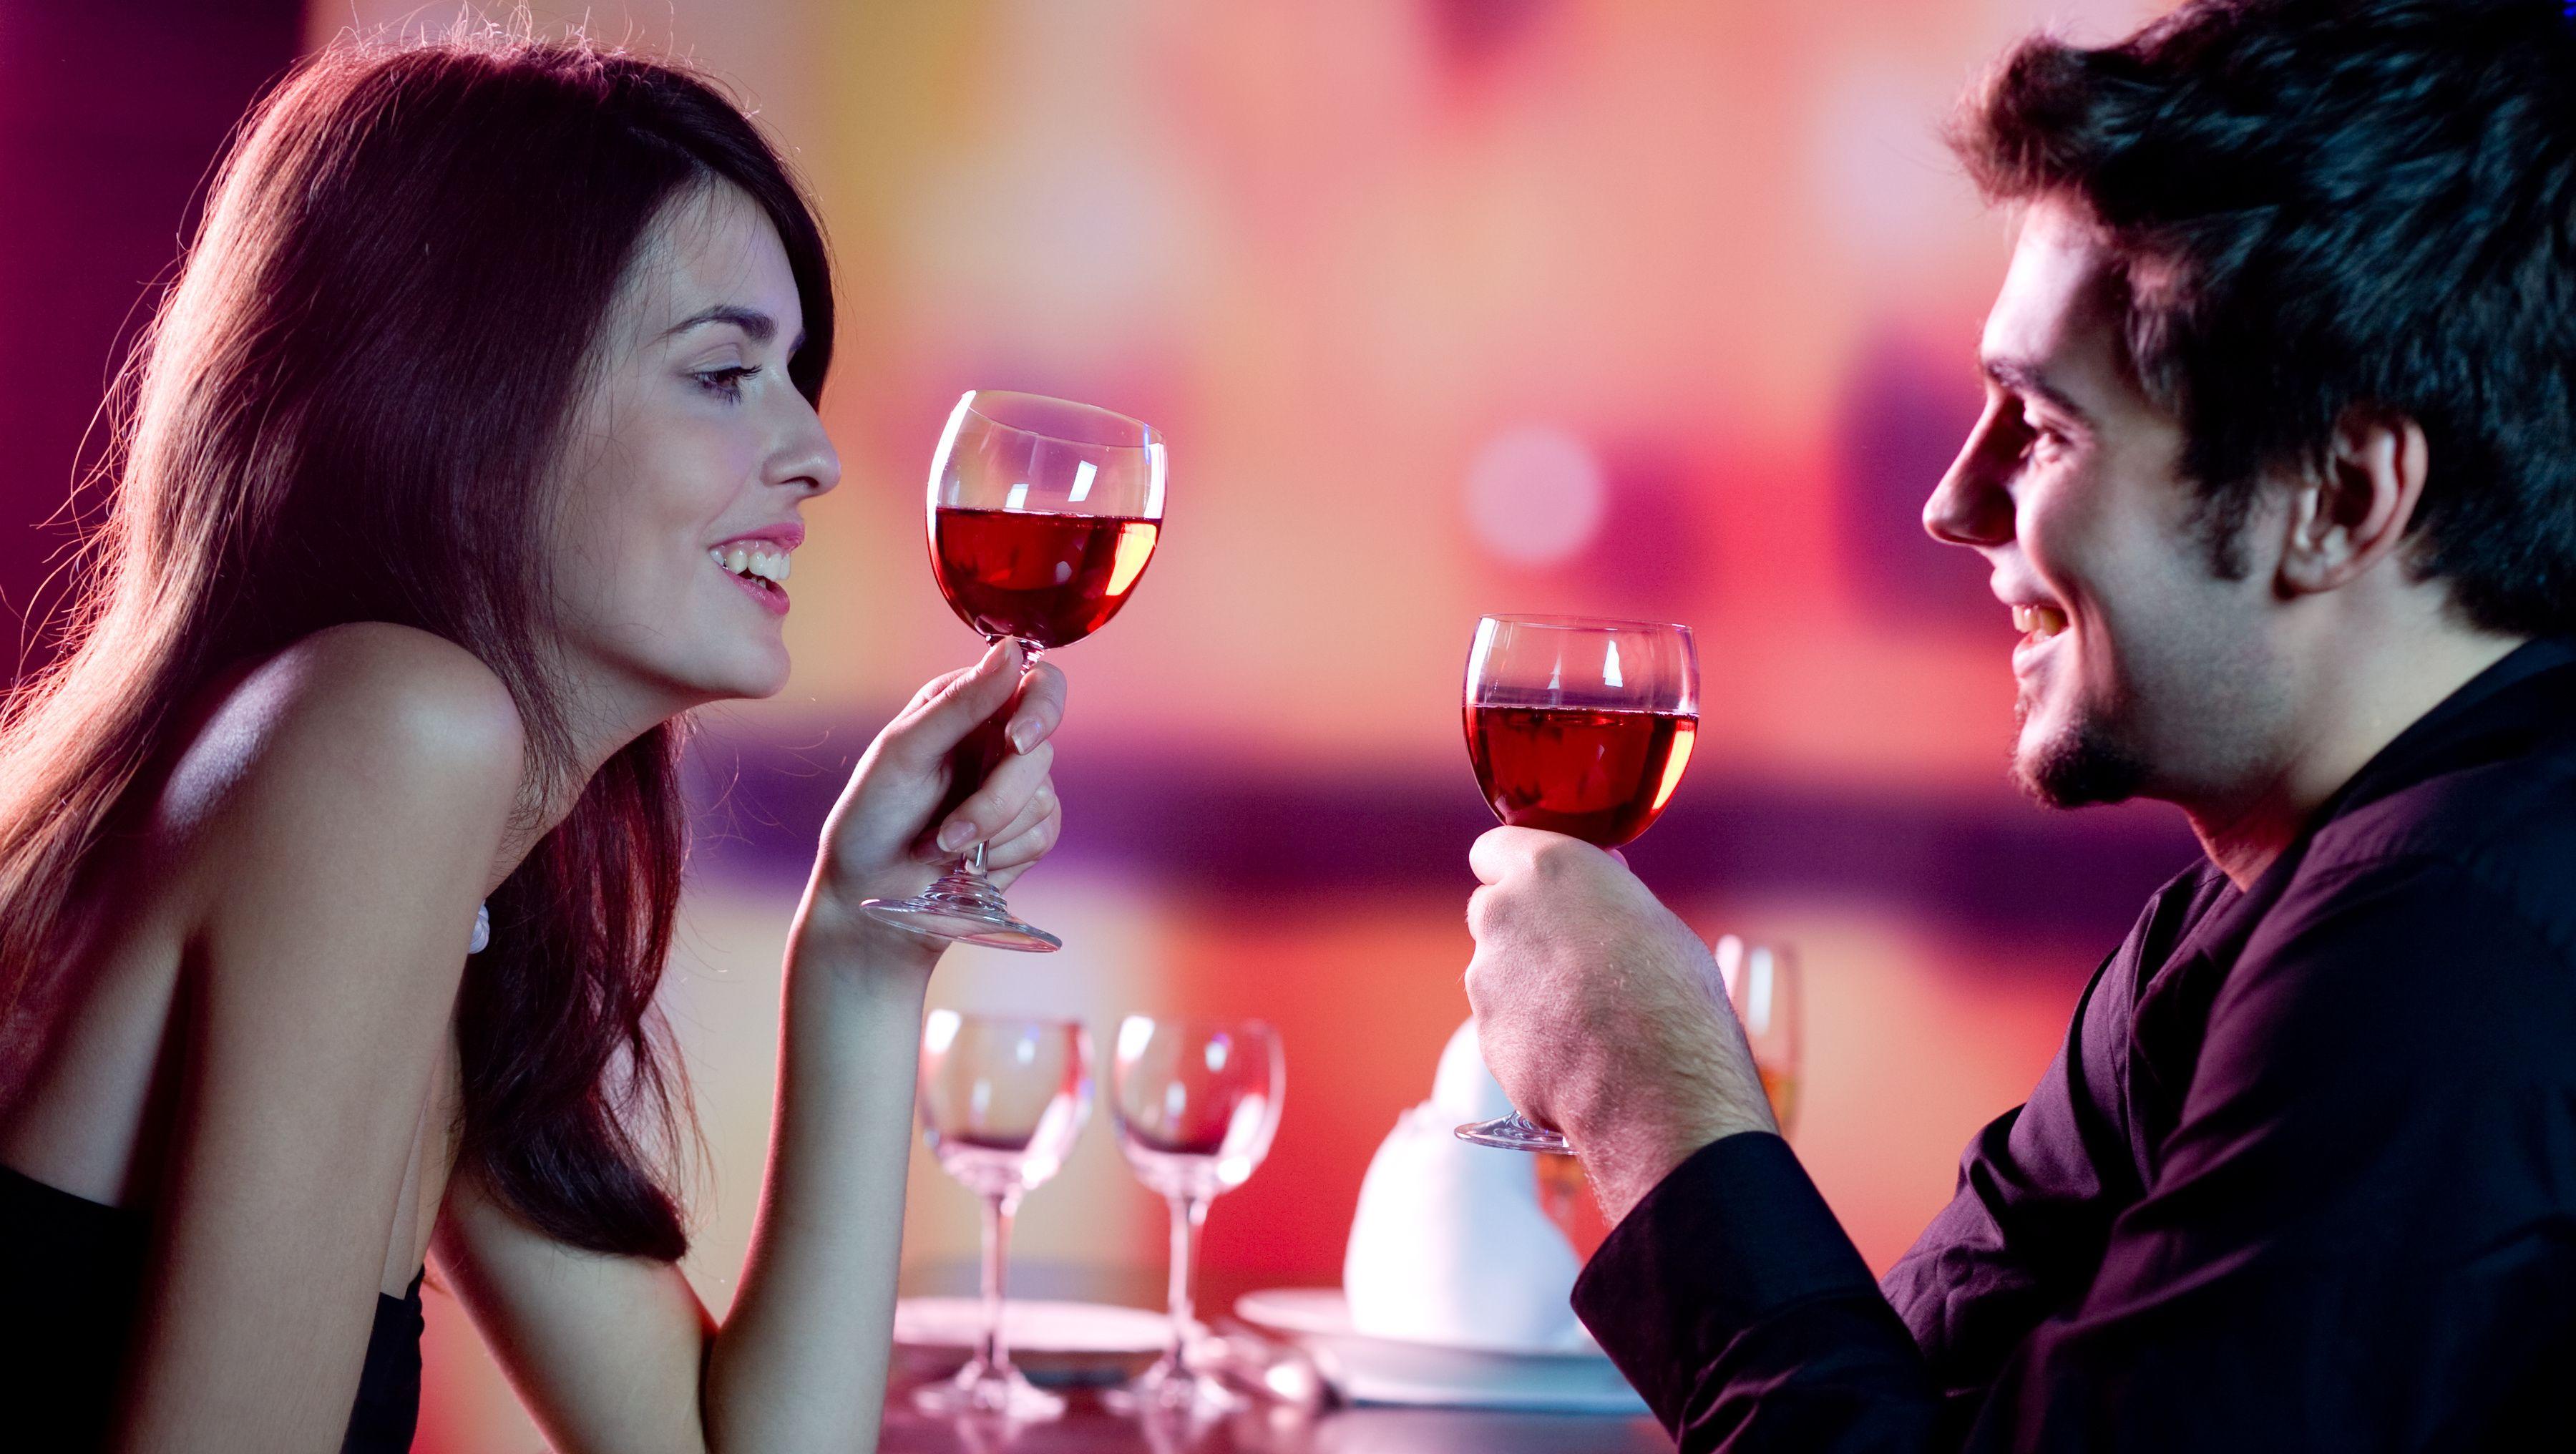 talumpati ng mga dating pangulo